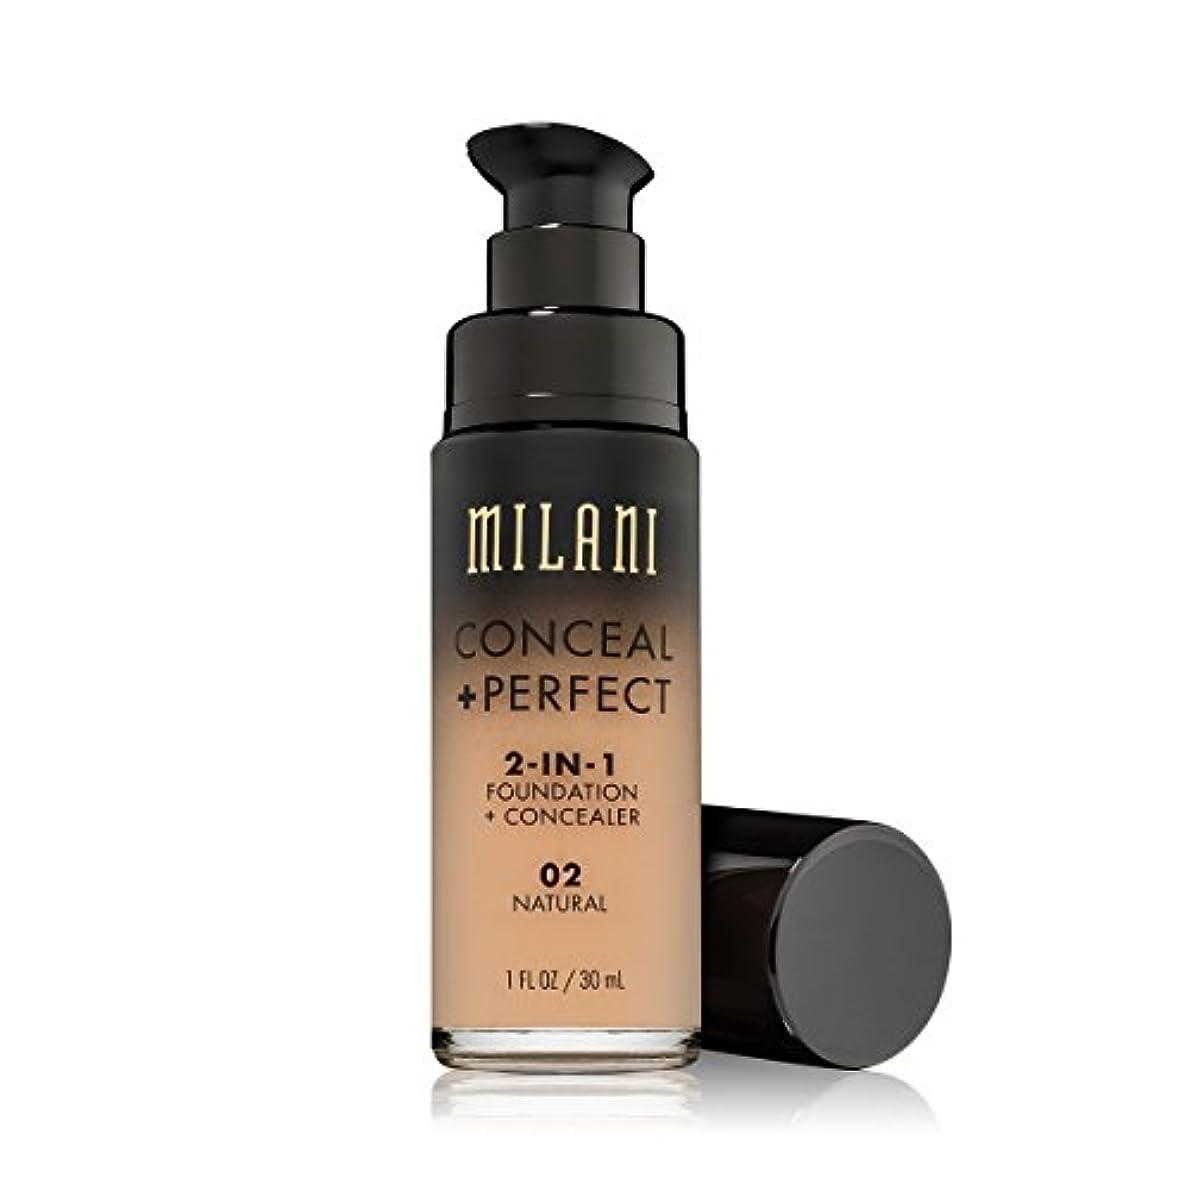 演劇ログアルファベット順MILANI Conceal + Perfect 2-In-1 Foundation + Concealer - Natural (並行輸入品)